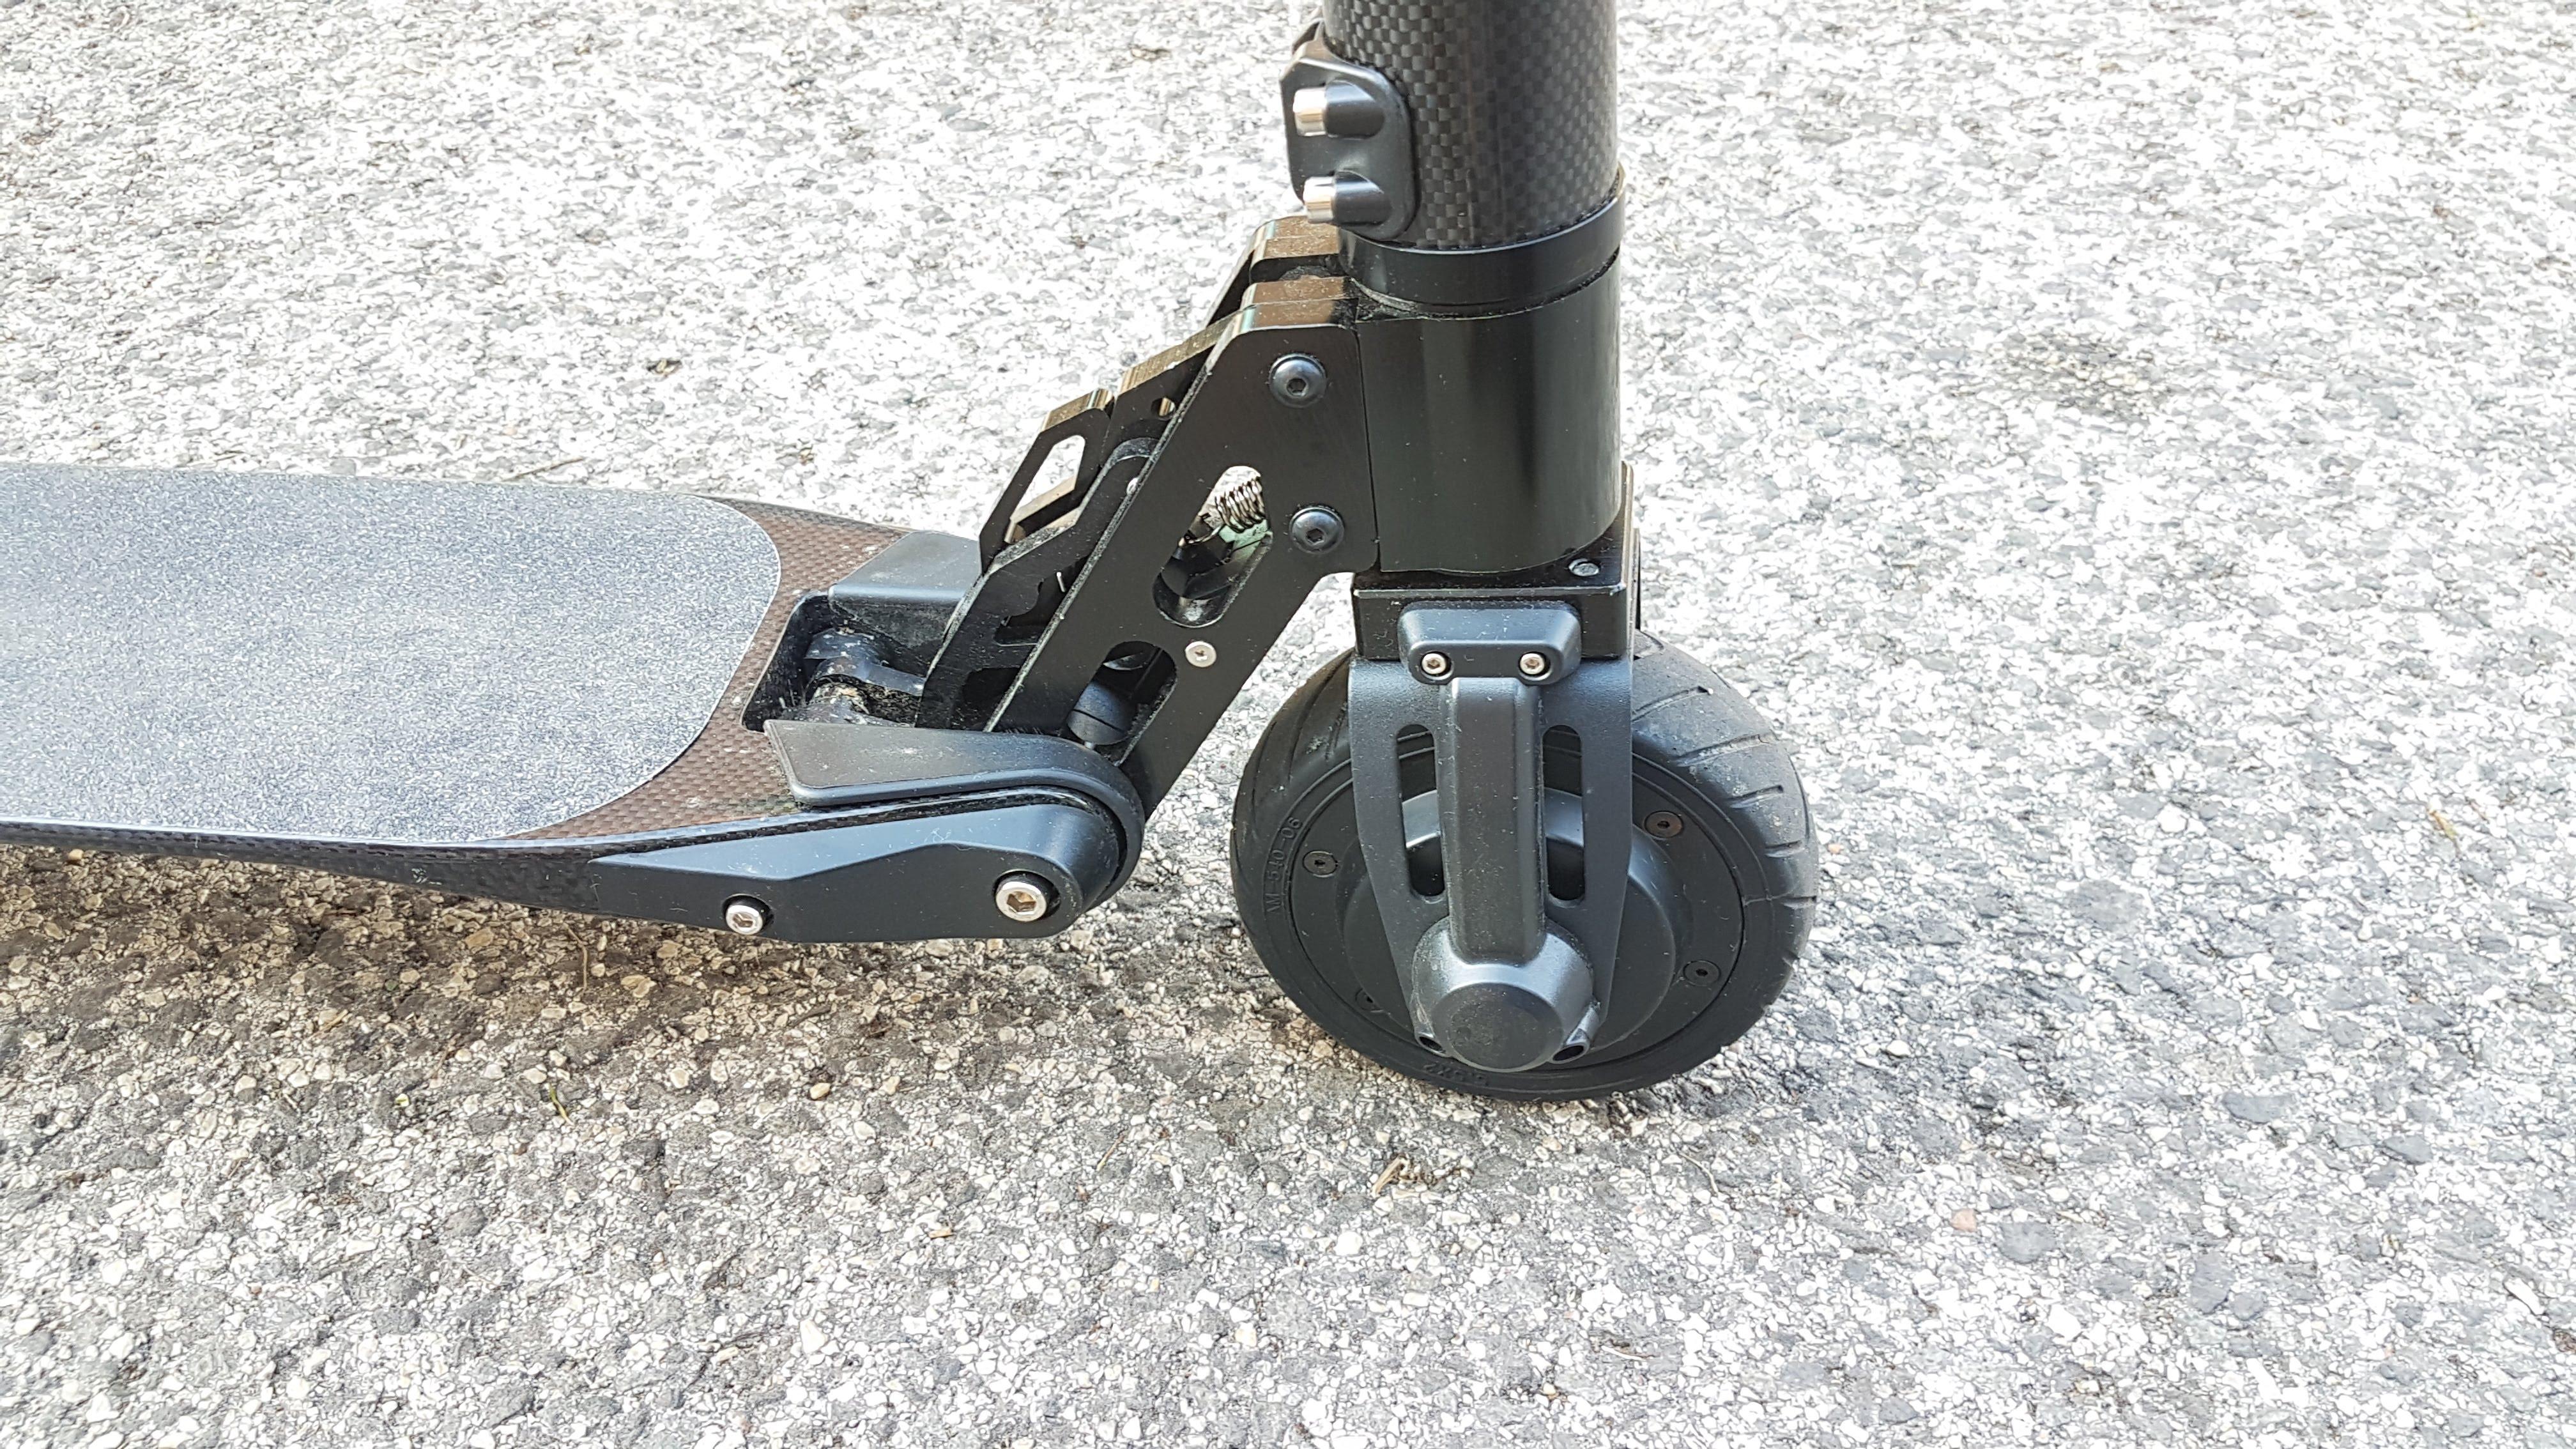 carbon-fiber-a-hordozhato-elektromos-roller-teszt-osszecsukhato-6600mAh-akkumulator-akksi-5.5-colos-kerek-08